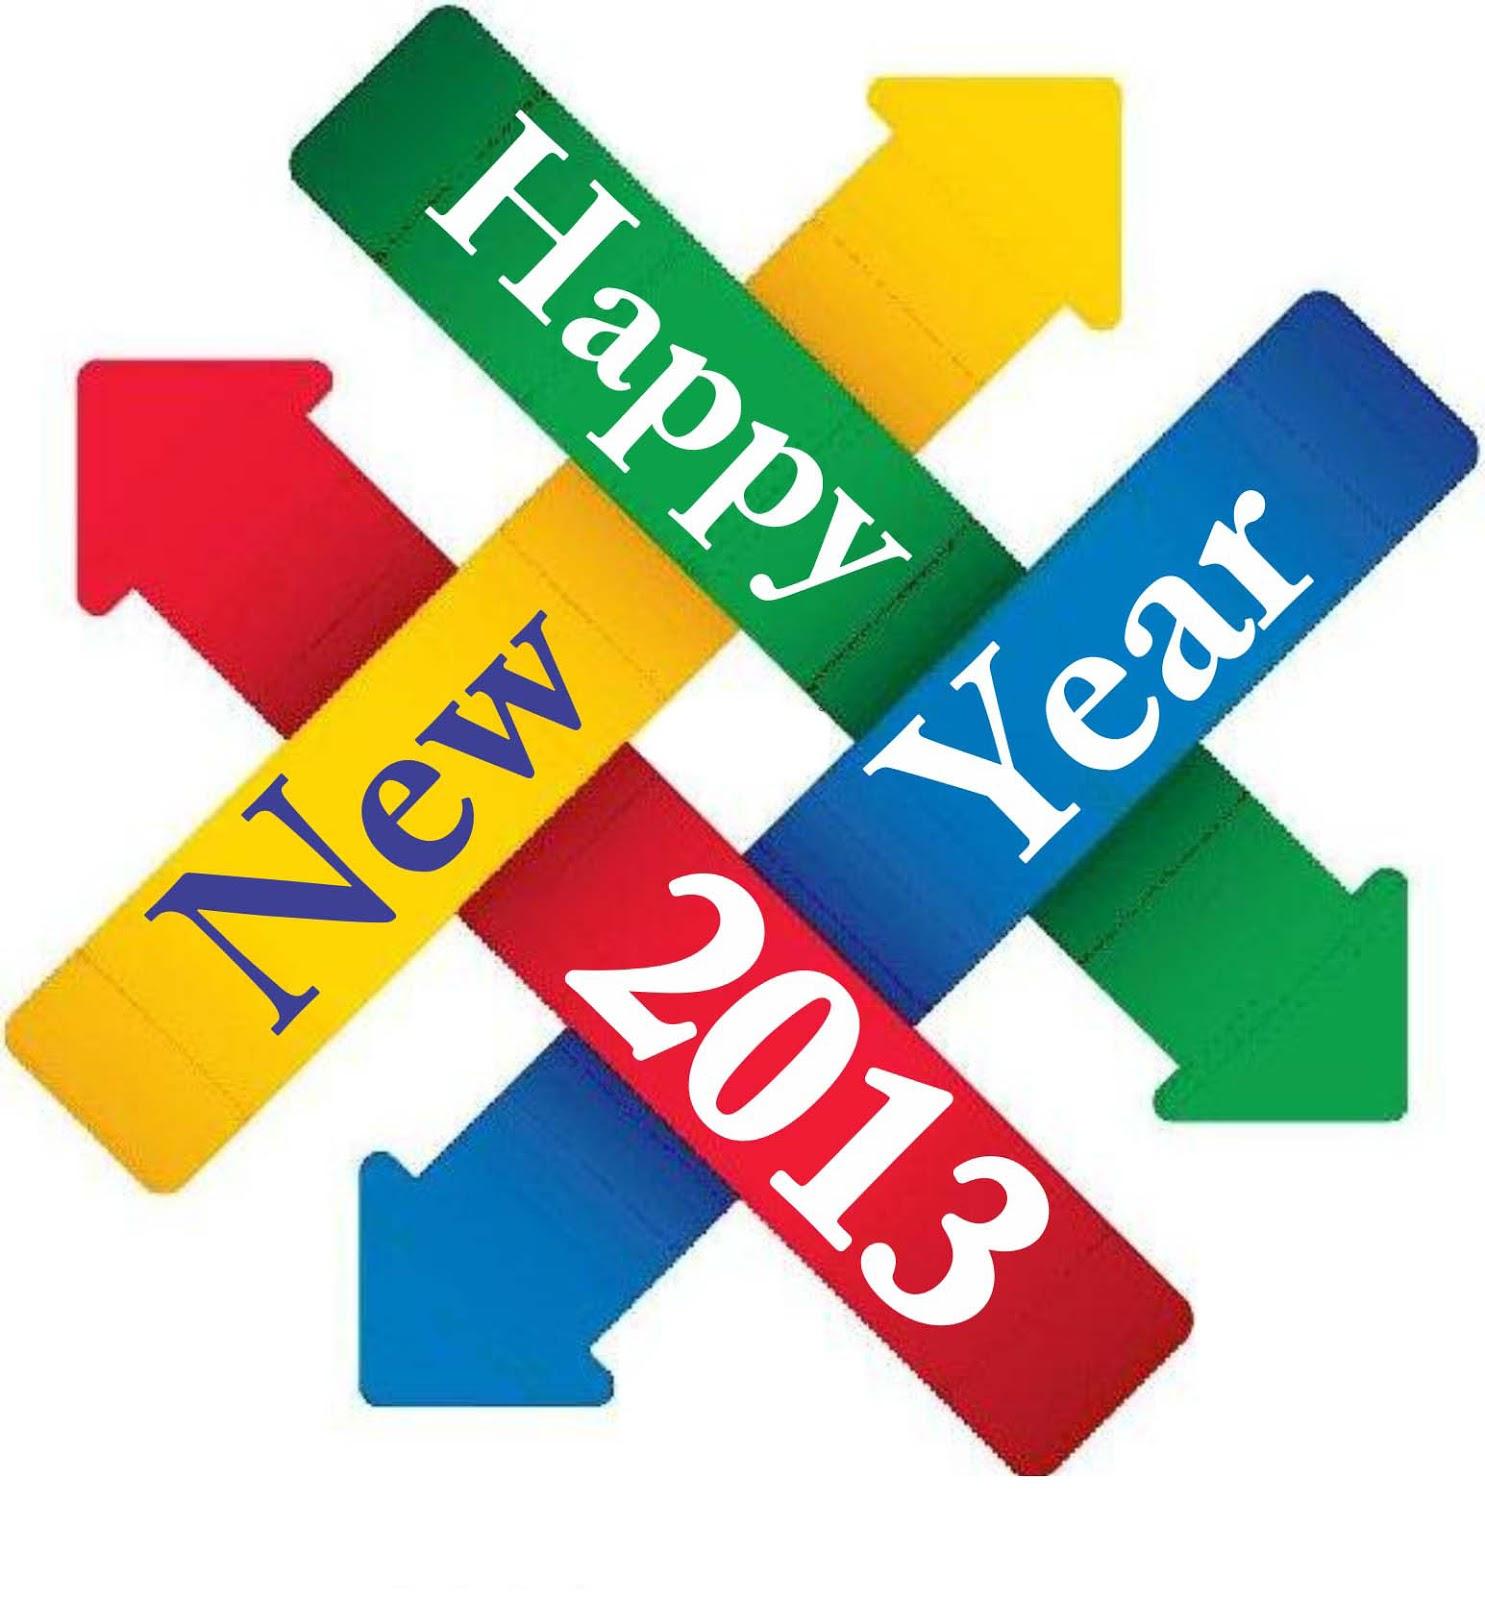 2013 has E